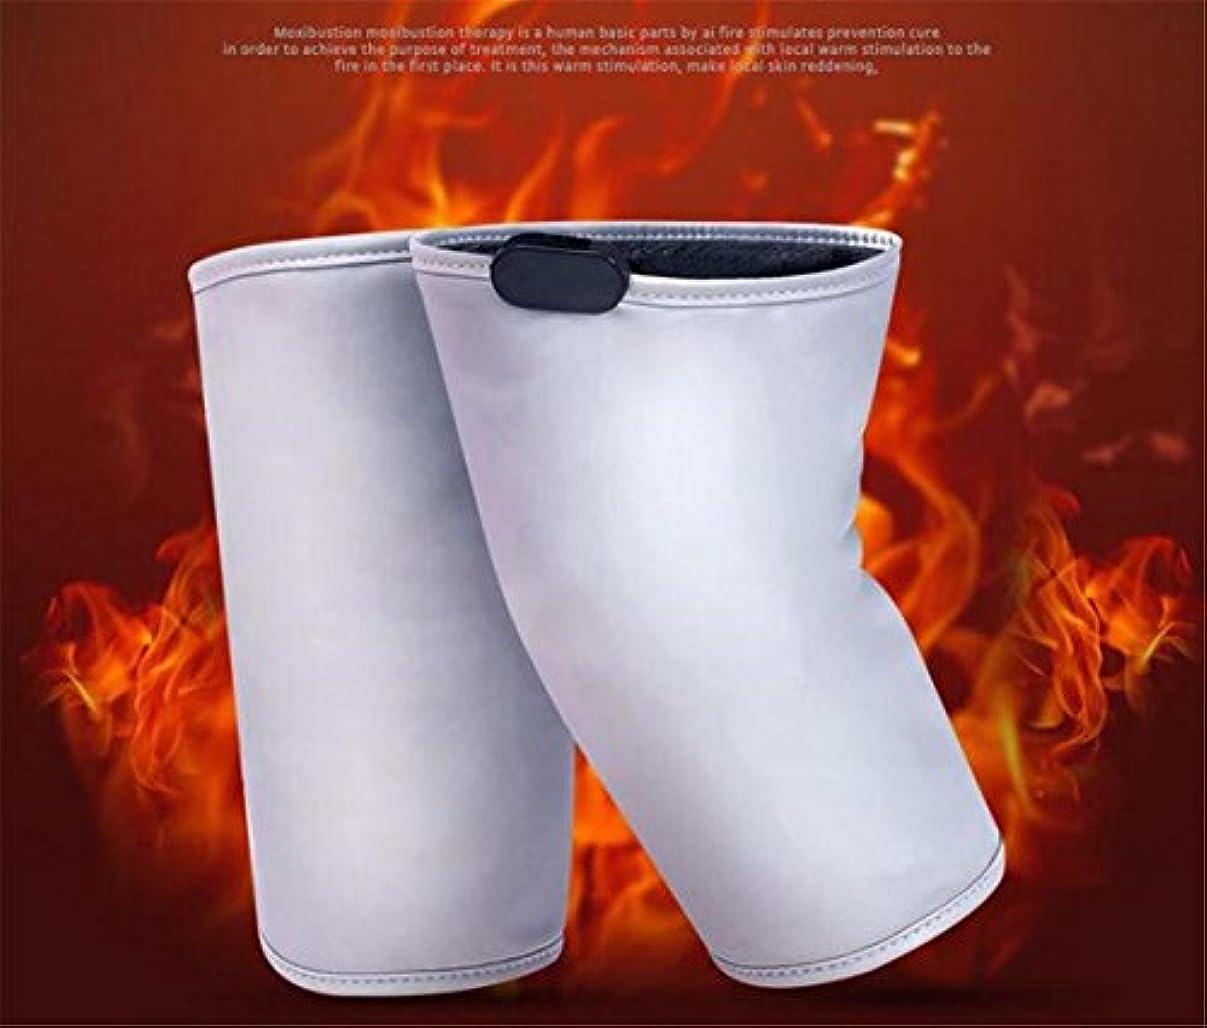 修理工接辞プレビューELEGENCE-Z電気加熱膝パッド中高年マッサージ熱い圧縮灸暖かい電荷共同理学療法器